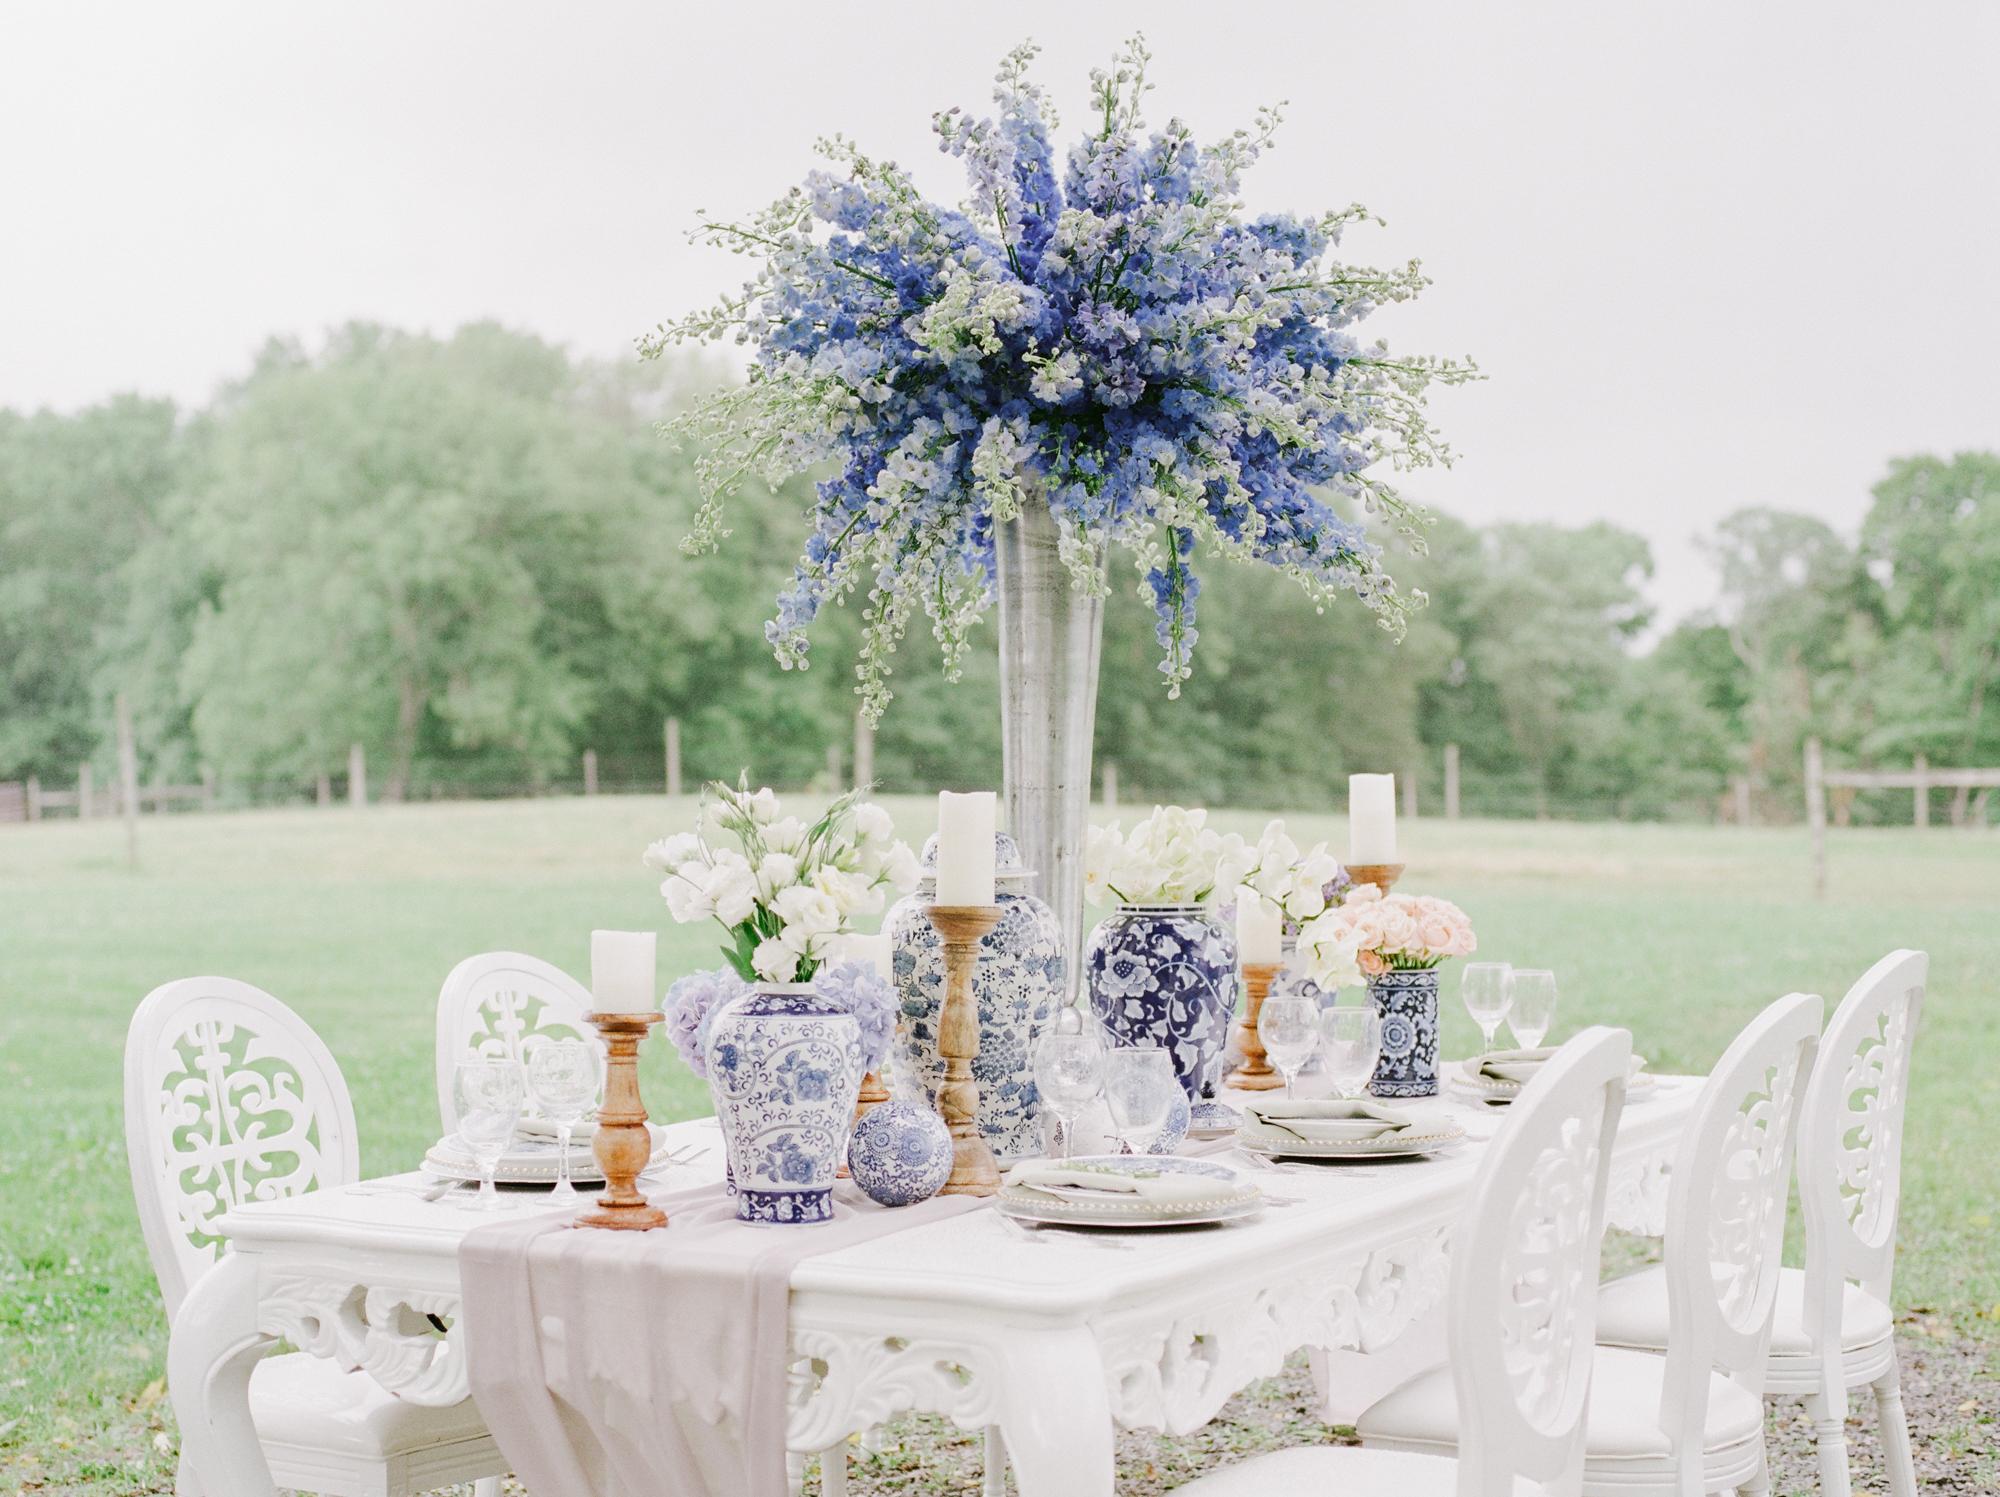 nj_alpaca-farm_wedding_inspiration-13.jpg